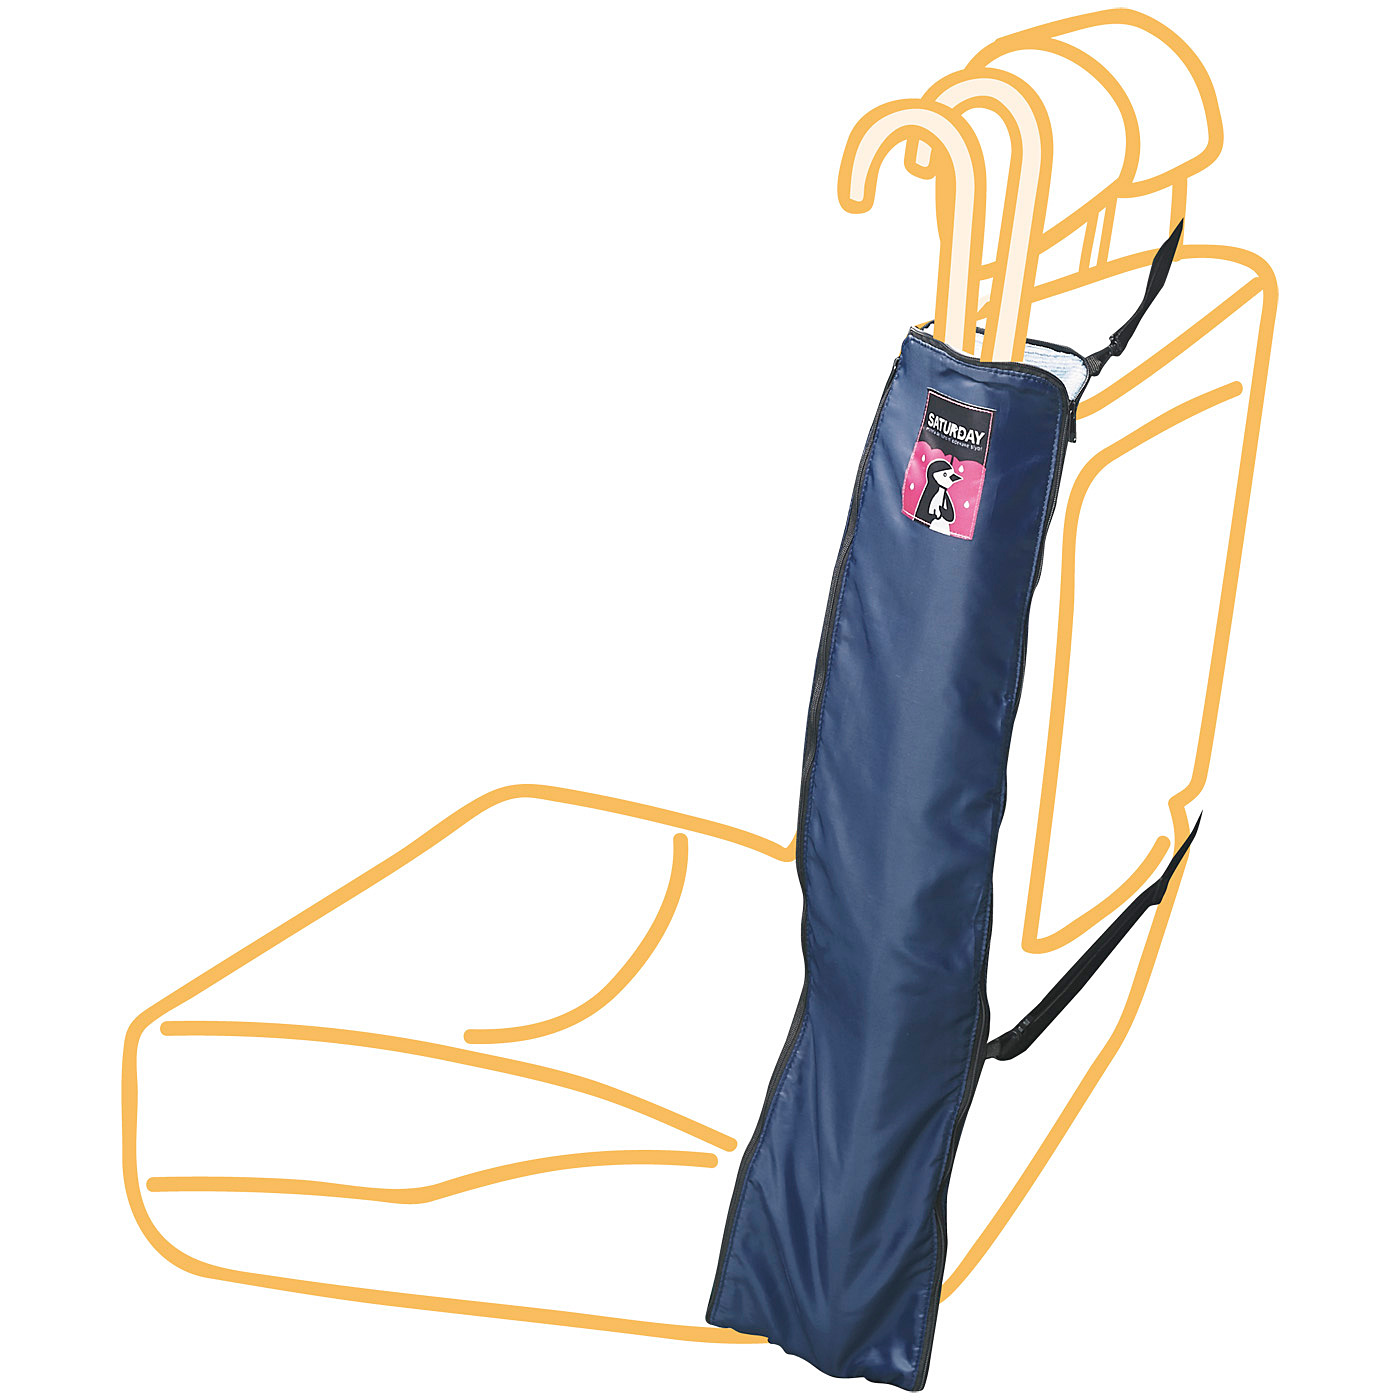 シートサイドにすっきり収納 ショルダーストラップをヘッドレストに掛けて、ゴムひもでシートサイドにキープできます。